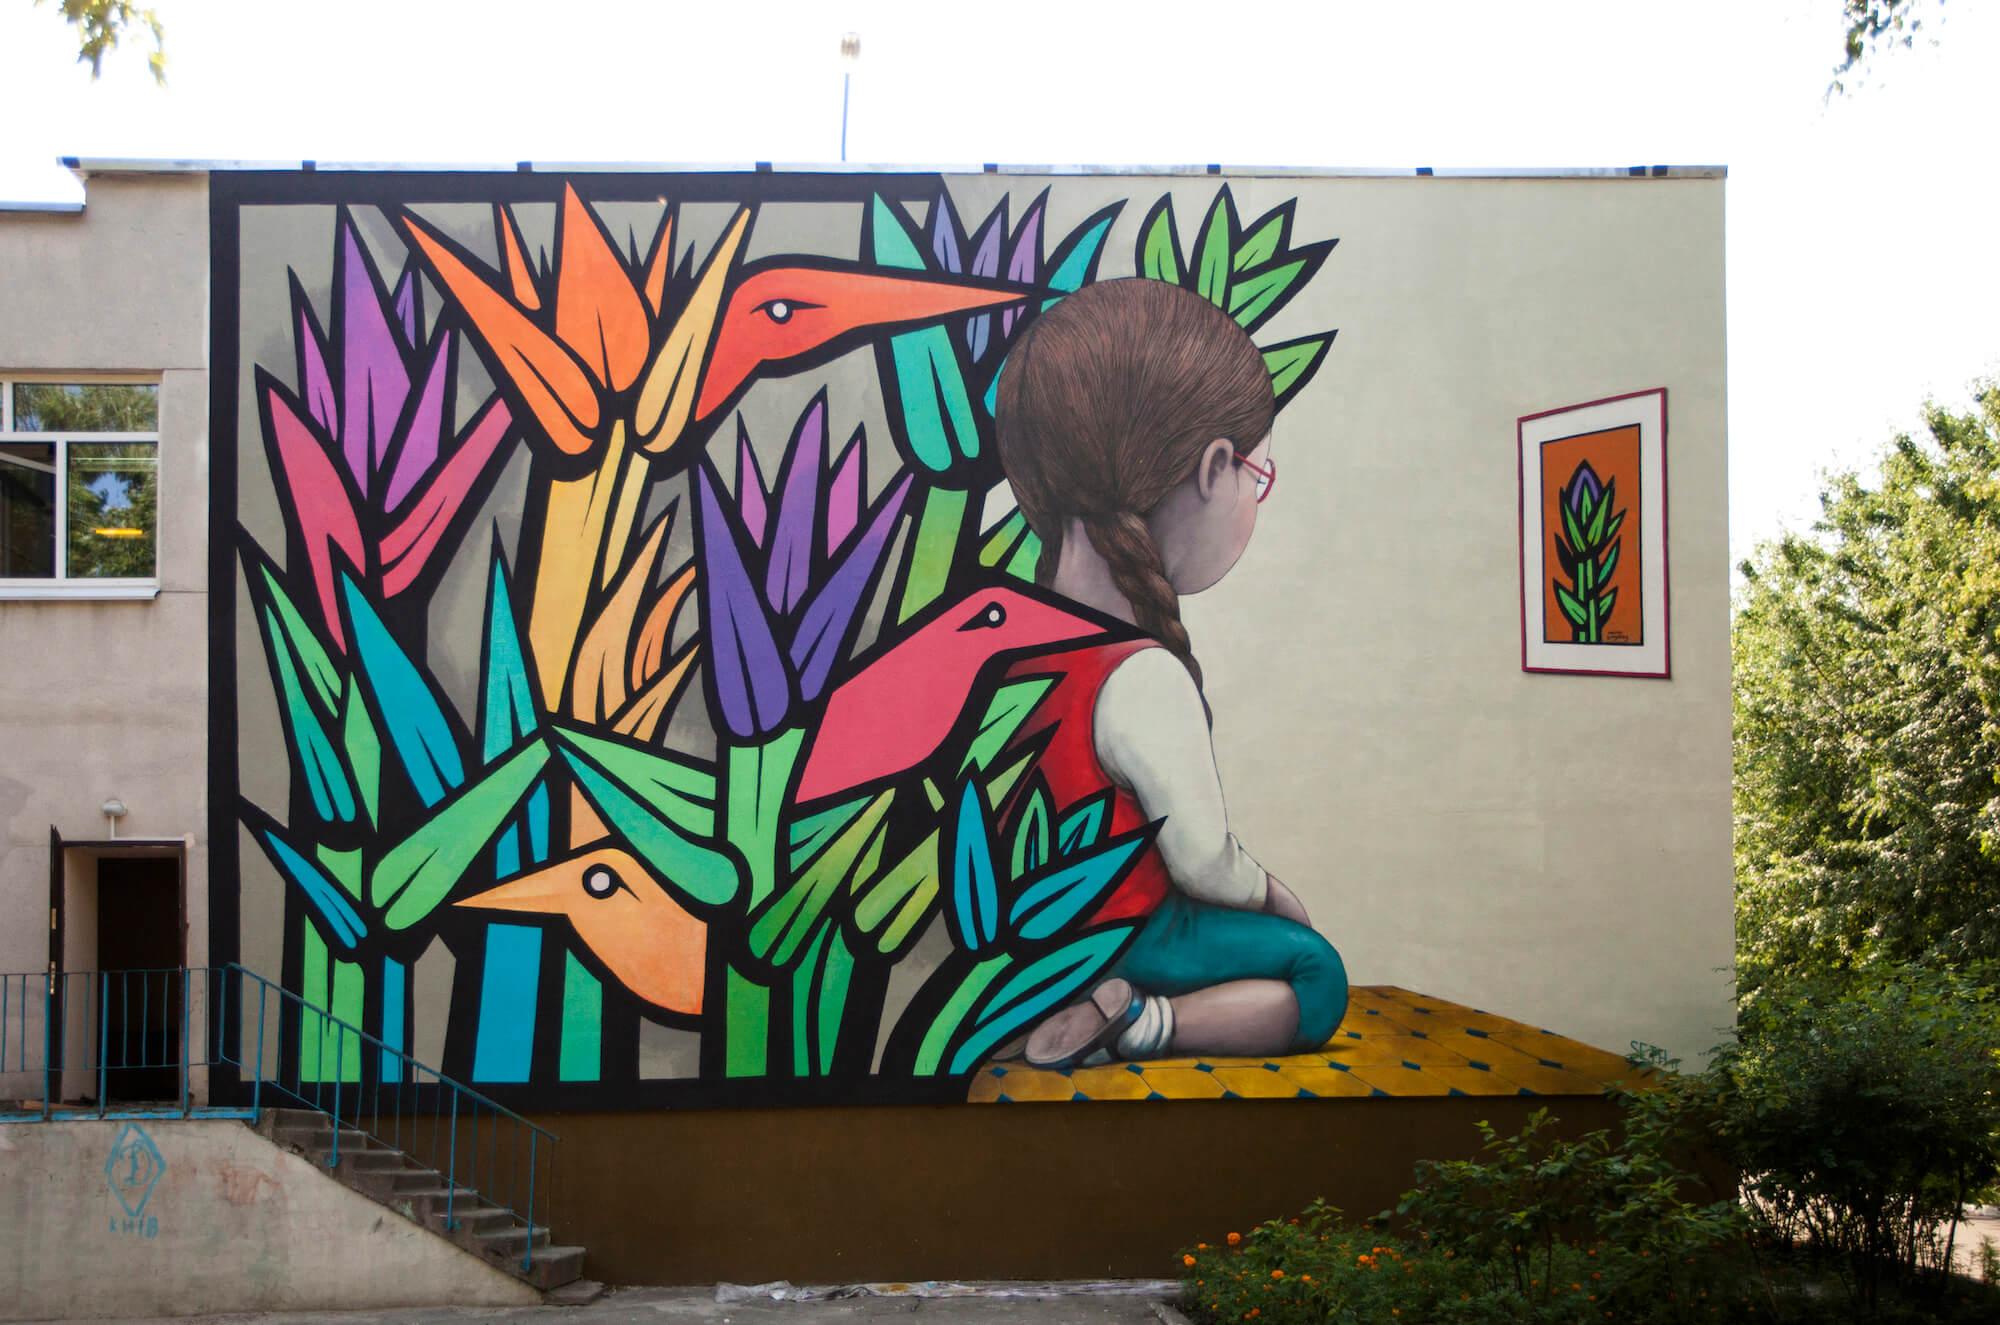 Audrey Hepburn Wall Mural Artist Jps Art T Street Art Artist And Street